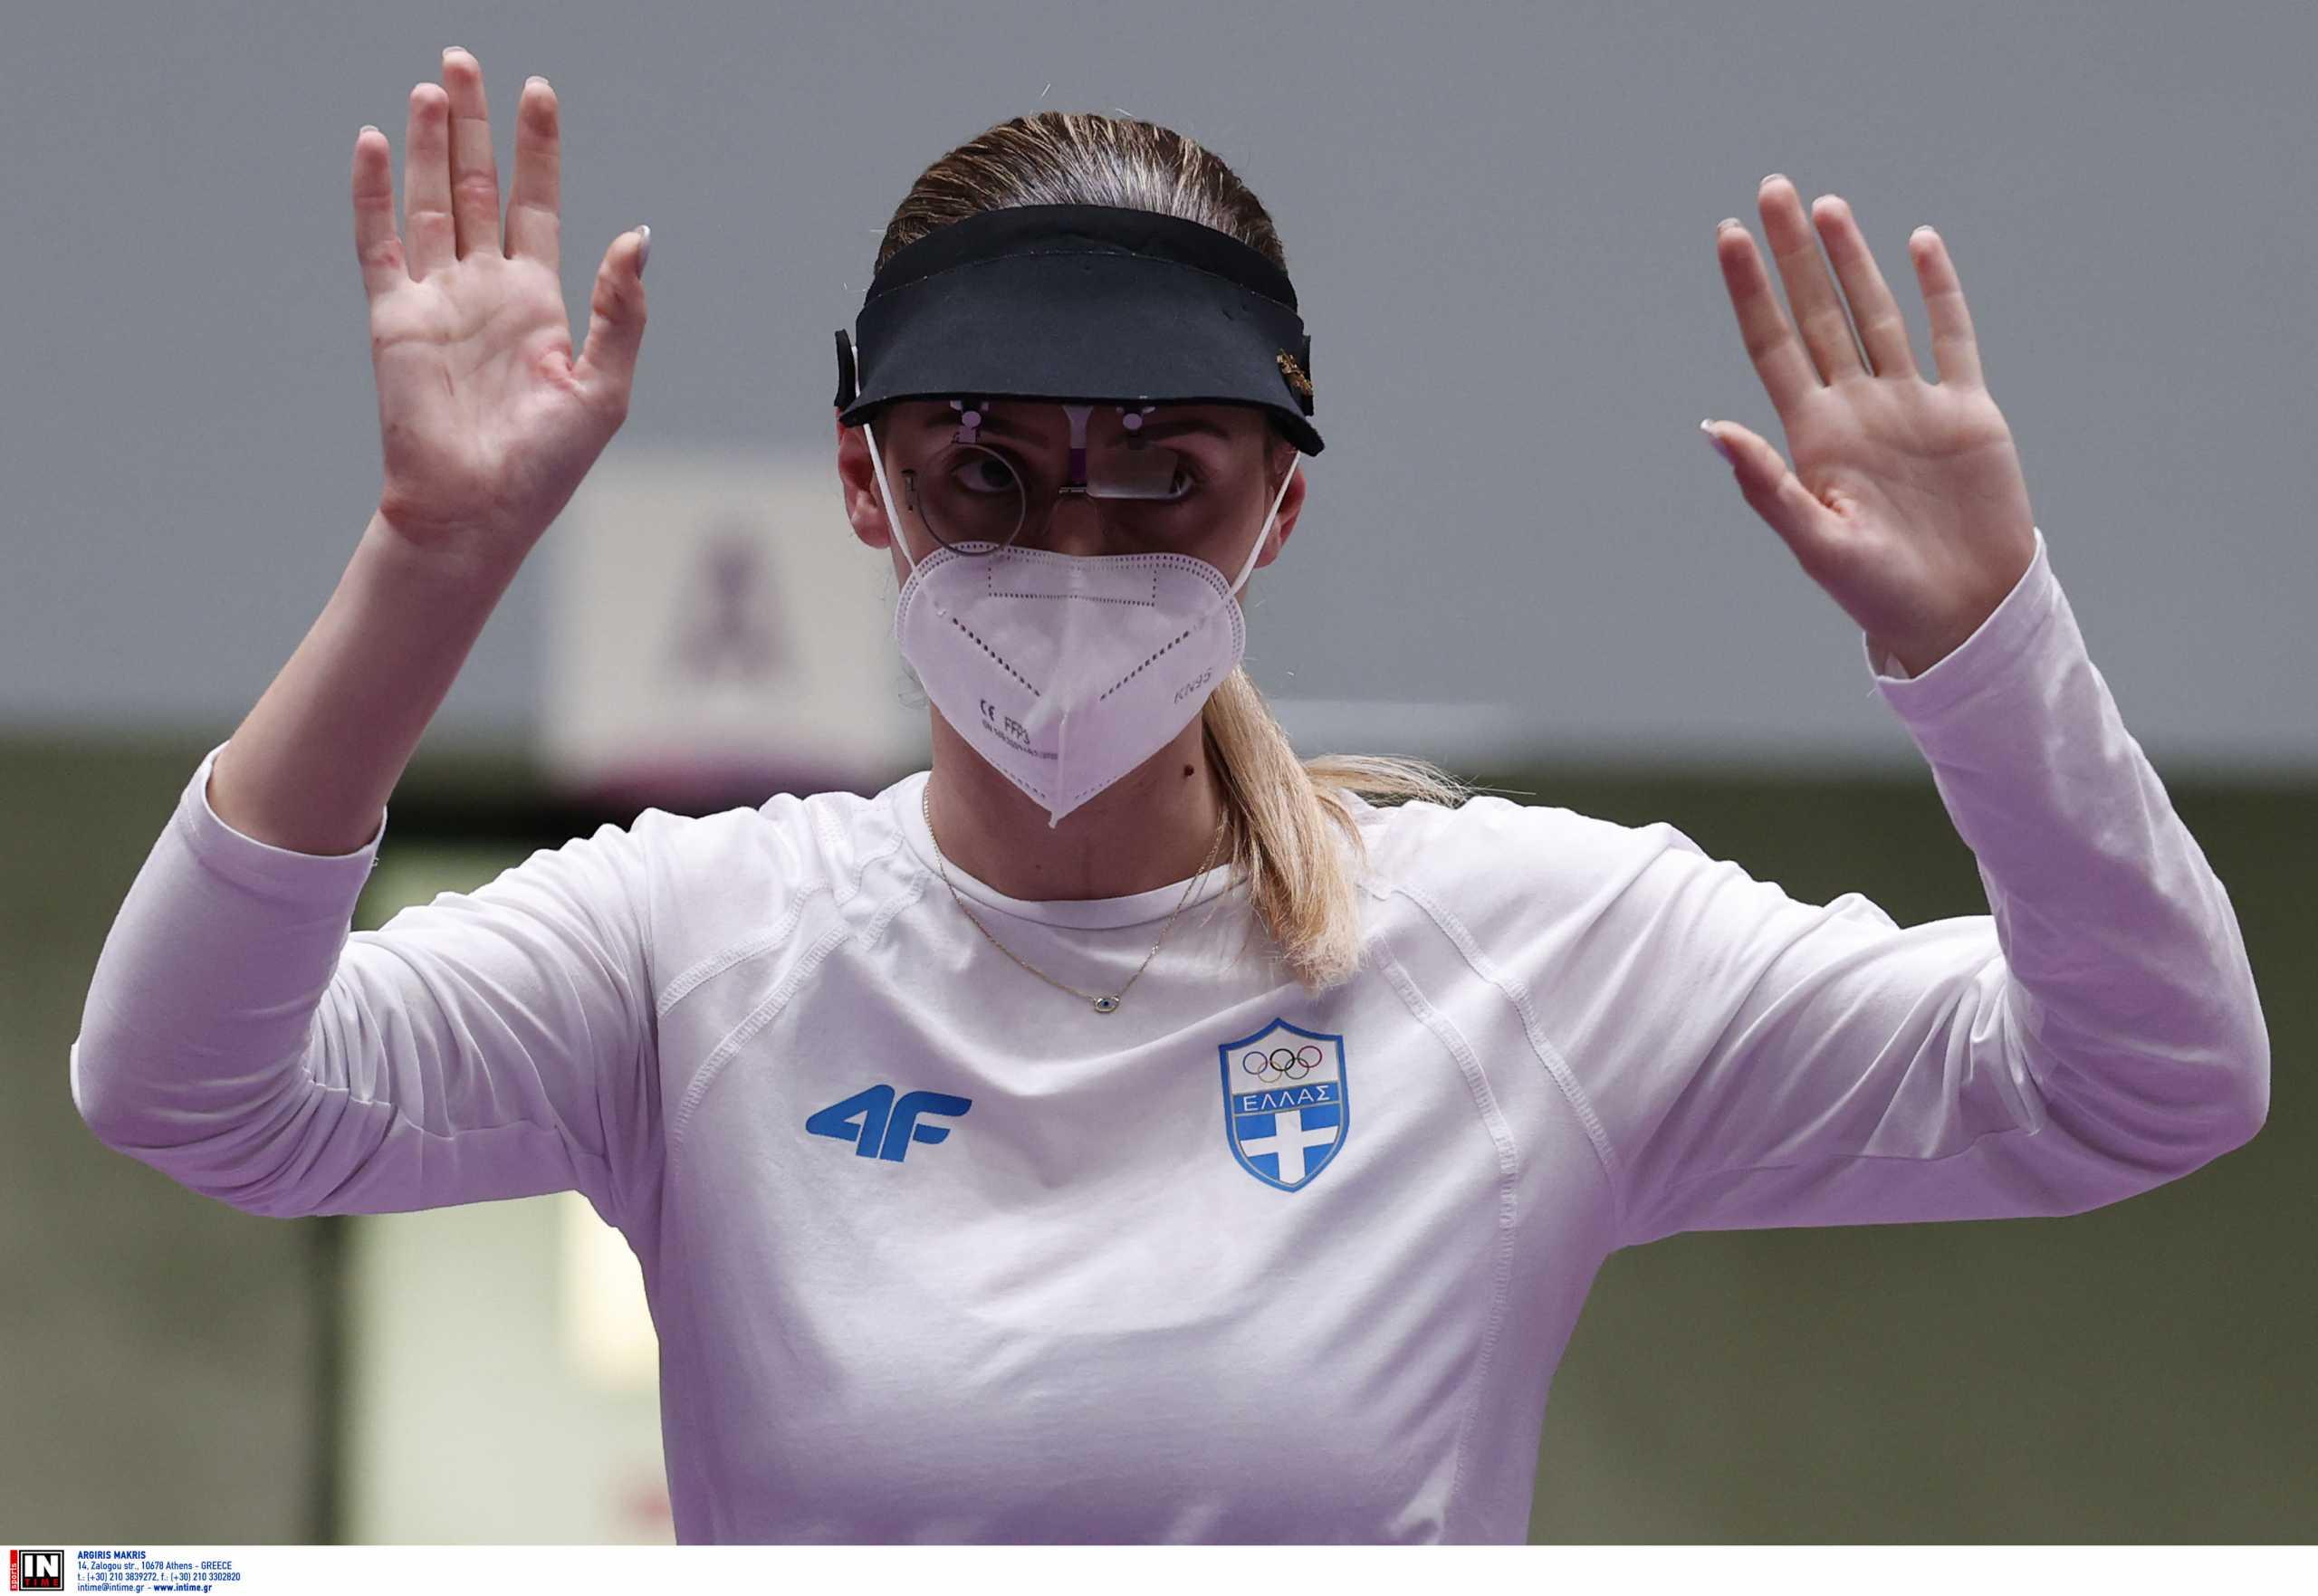 Ολυμπιακοί Αγώνες: Η Άννα Κορακάκη προκρίθηκε στον τελικό και ζήτησε να μιλήσει μετά το τέλος του